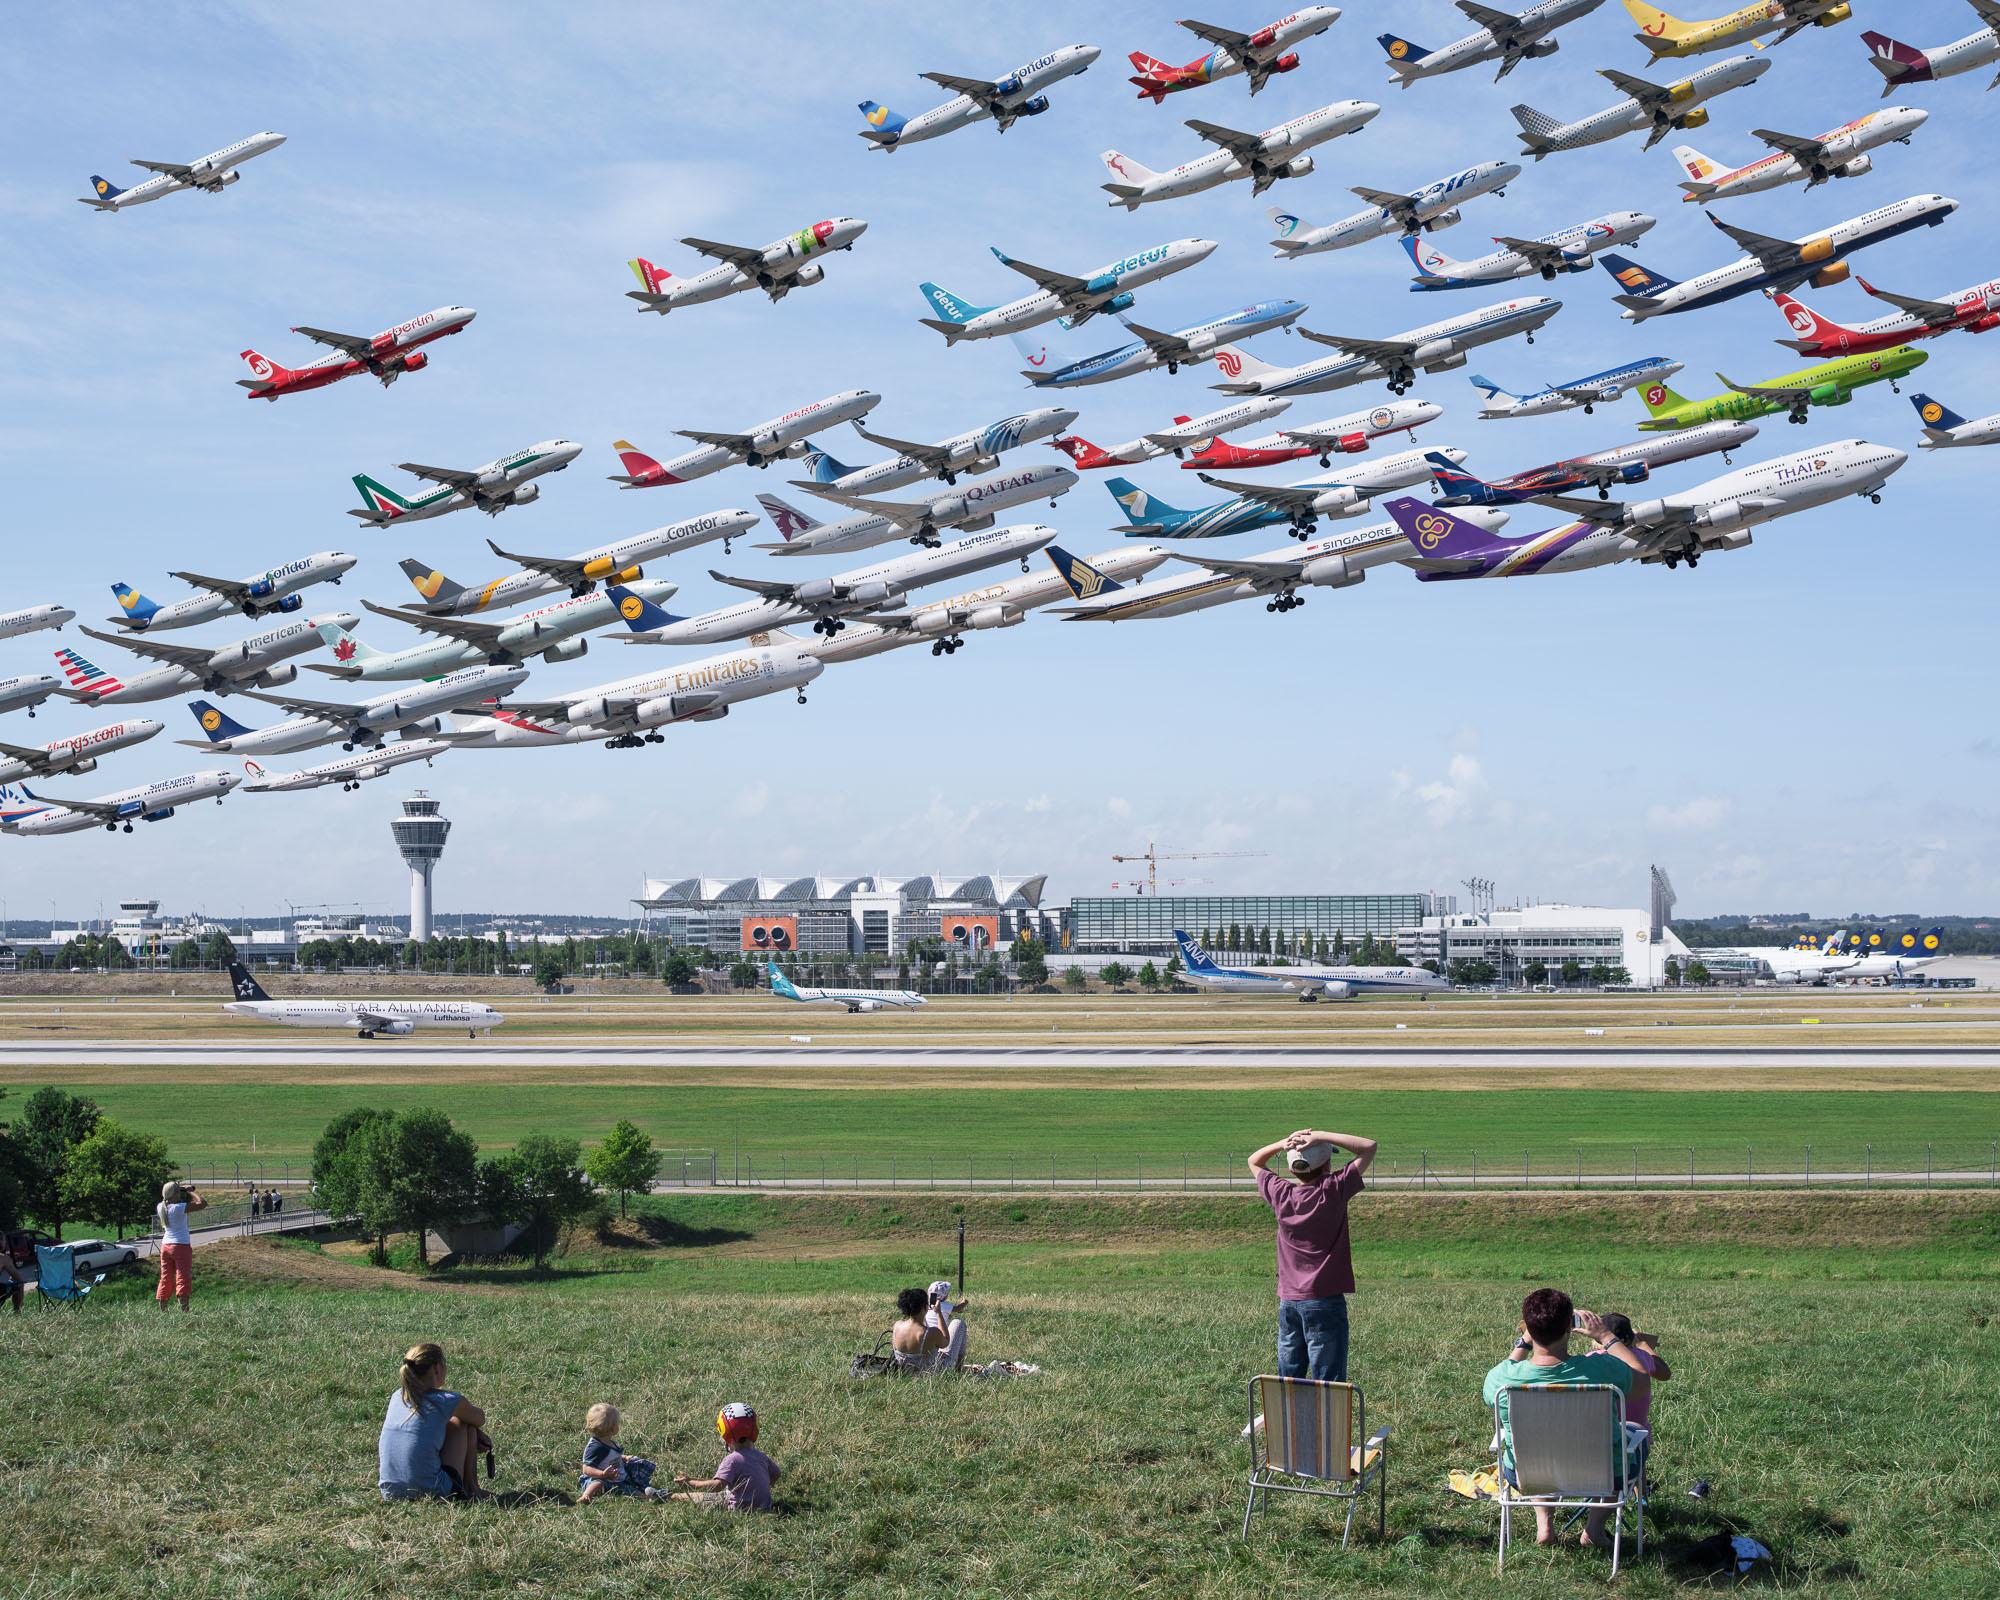 Flughafen Munchen 08R.jpg